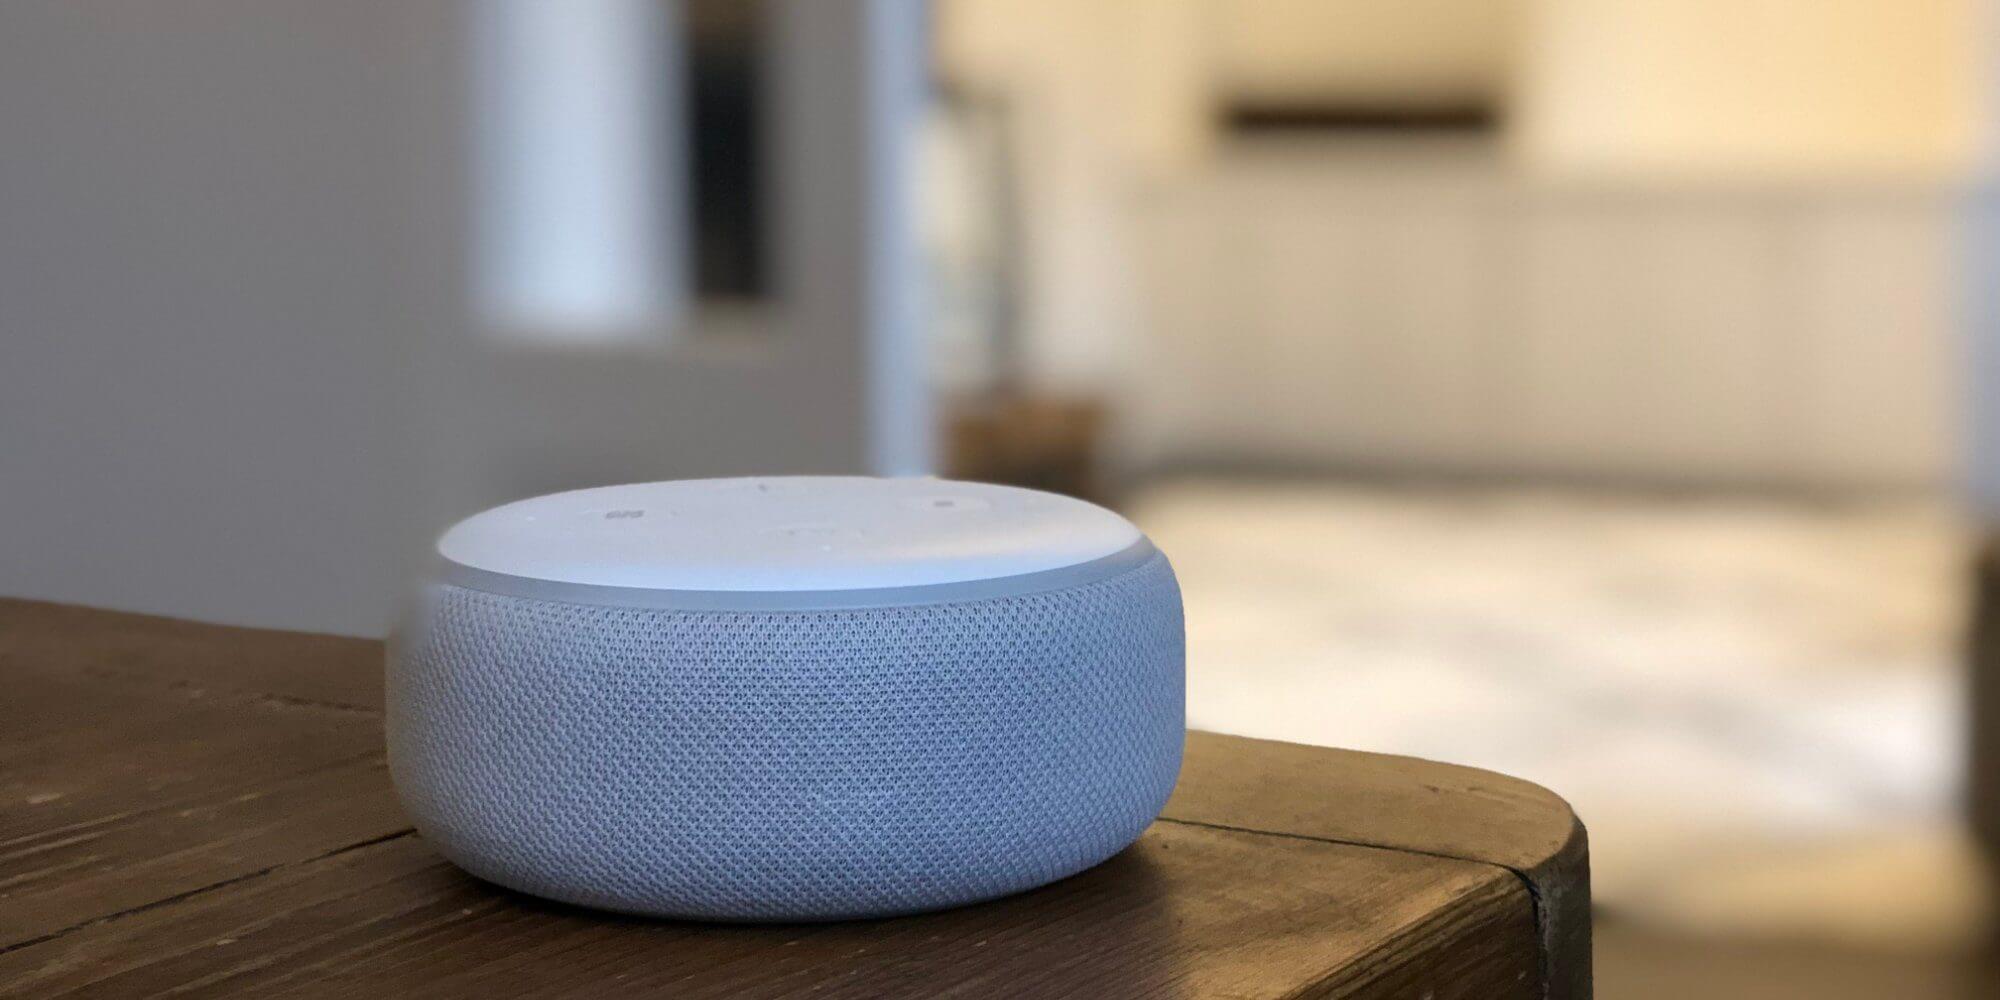 Apple mua lại Pullstring, startup về trợ lý giọng nói đằng sau các ứng dụng của Amazon Alexa